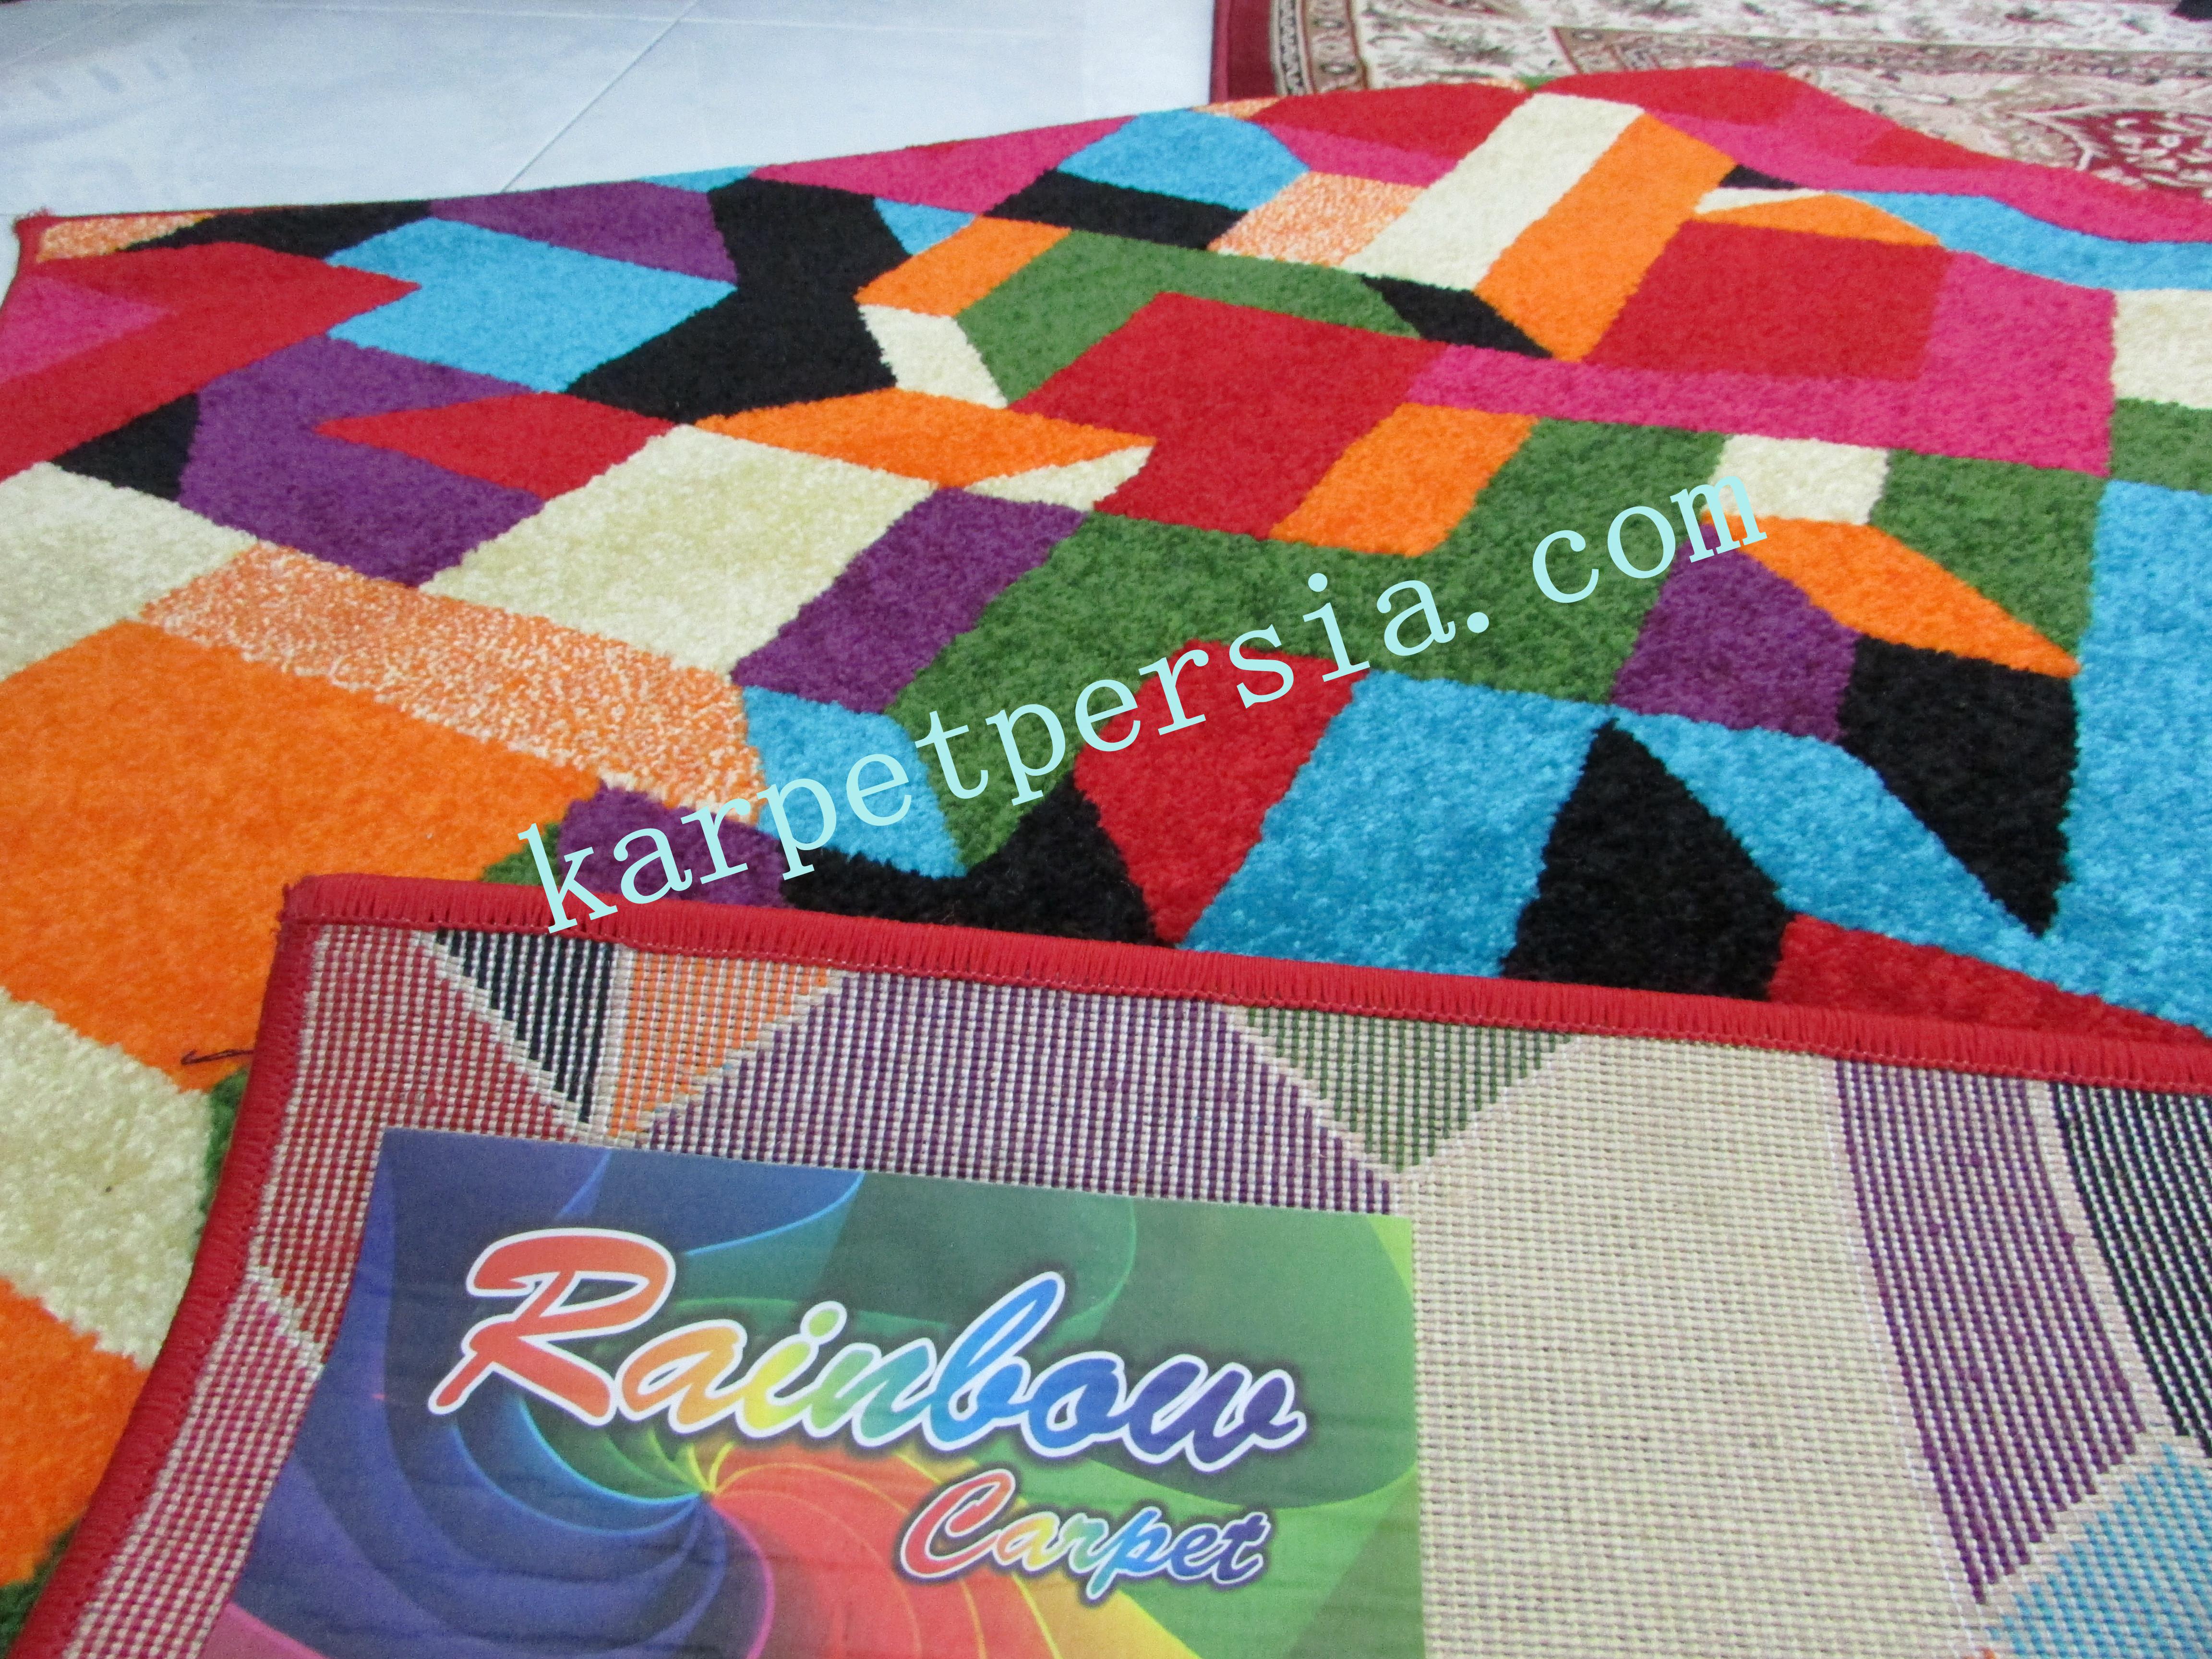 Mengapa Hanya Satu Warna Jika Bisa Banyak Warna? Pesan Karpet Pelangi Sekarang Juga!